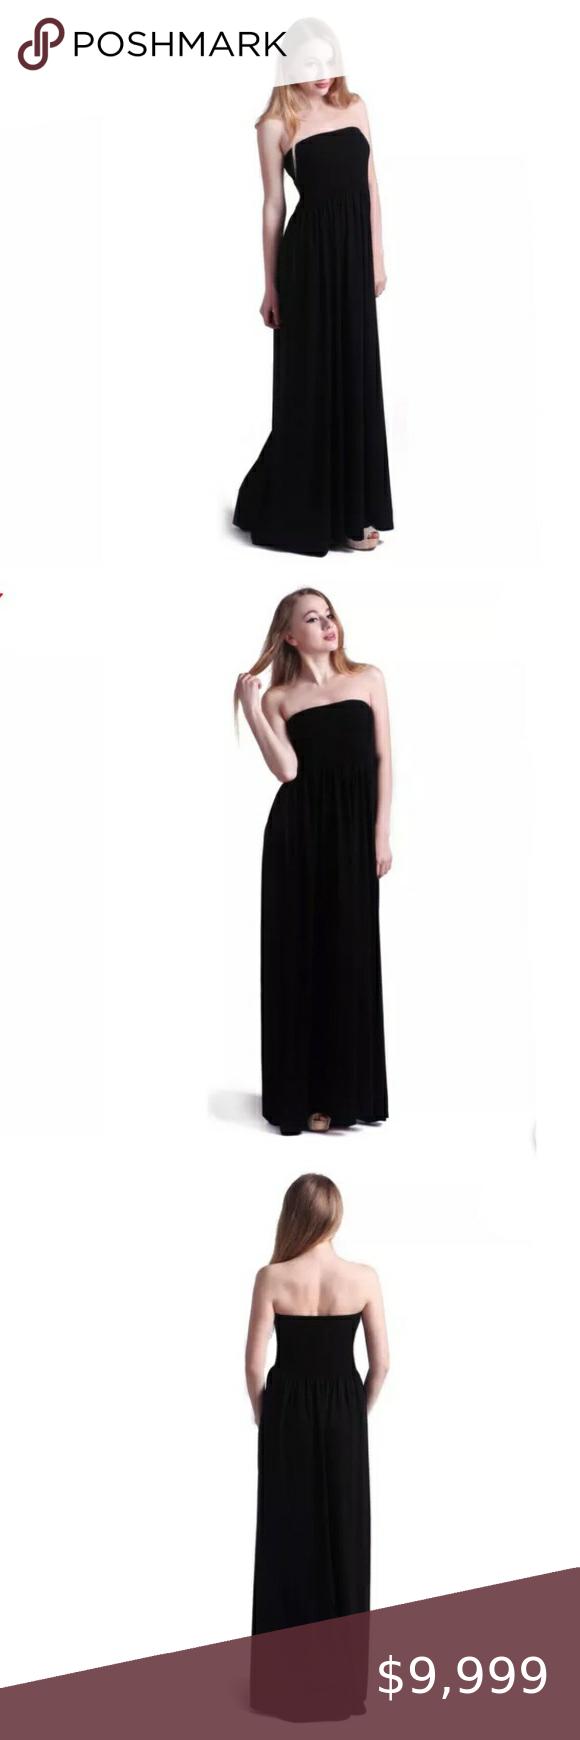 Black Tube Top Maxi Dress Top Maxi Dresses Popular Maxi Dresses Boutique Maxi Dresses [ 1740 x 580 Pixel ]